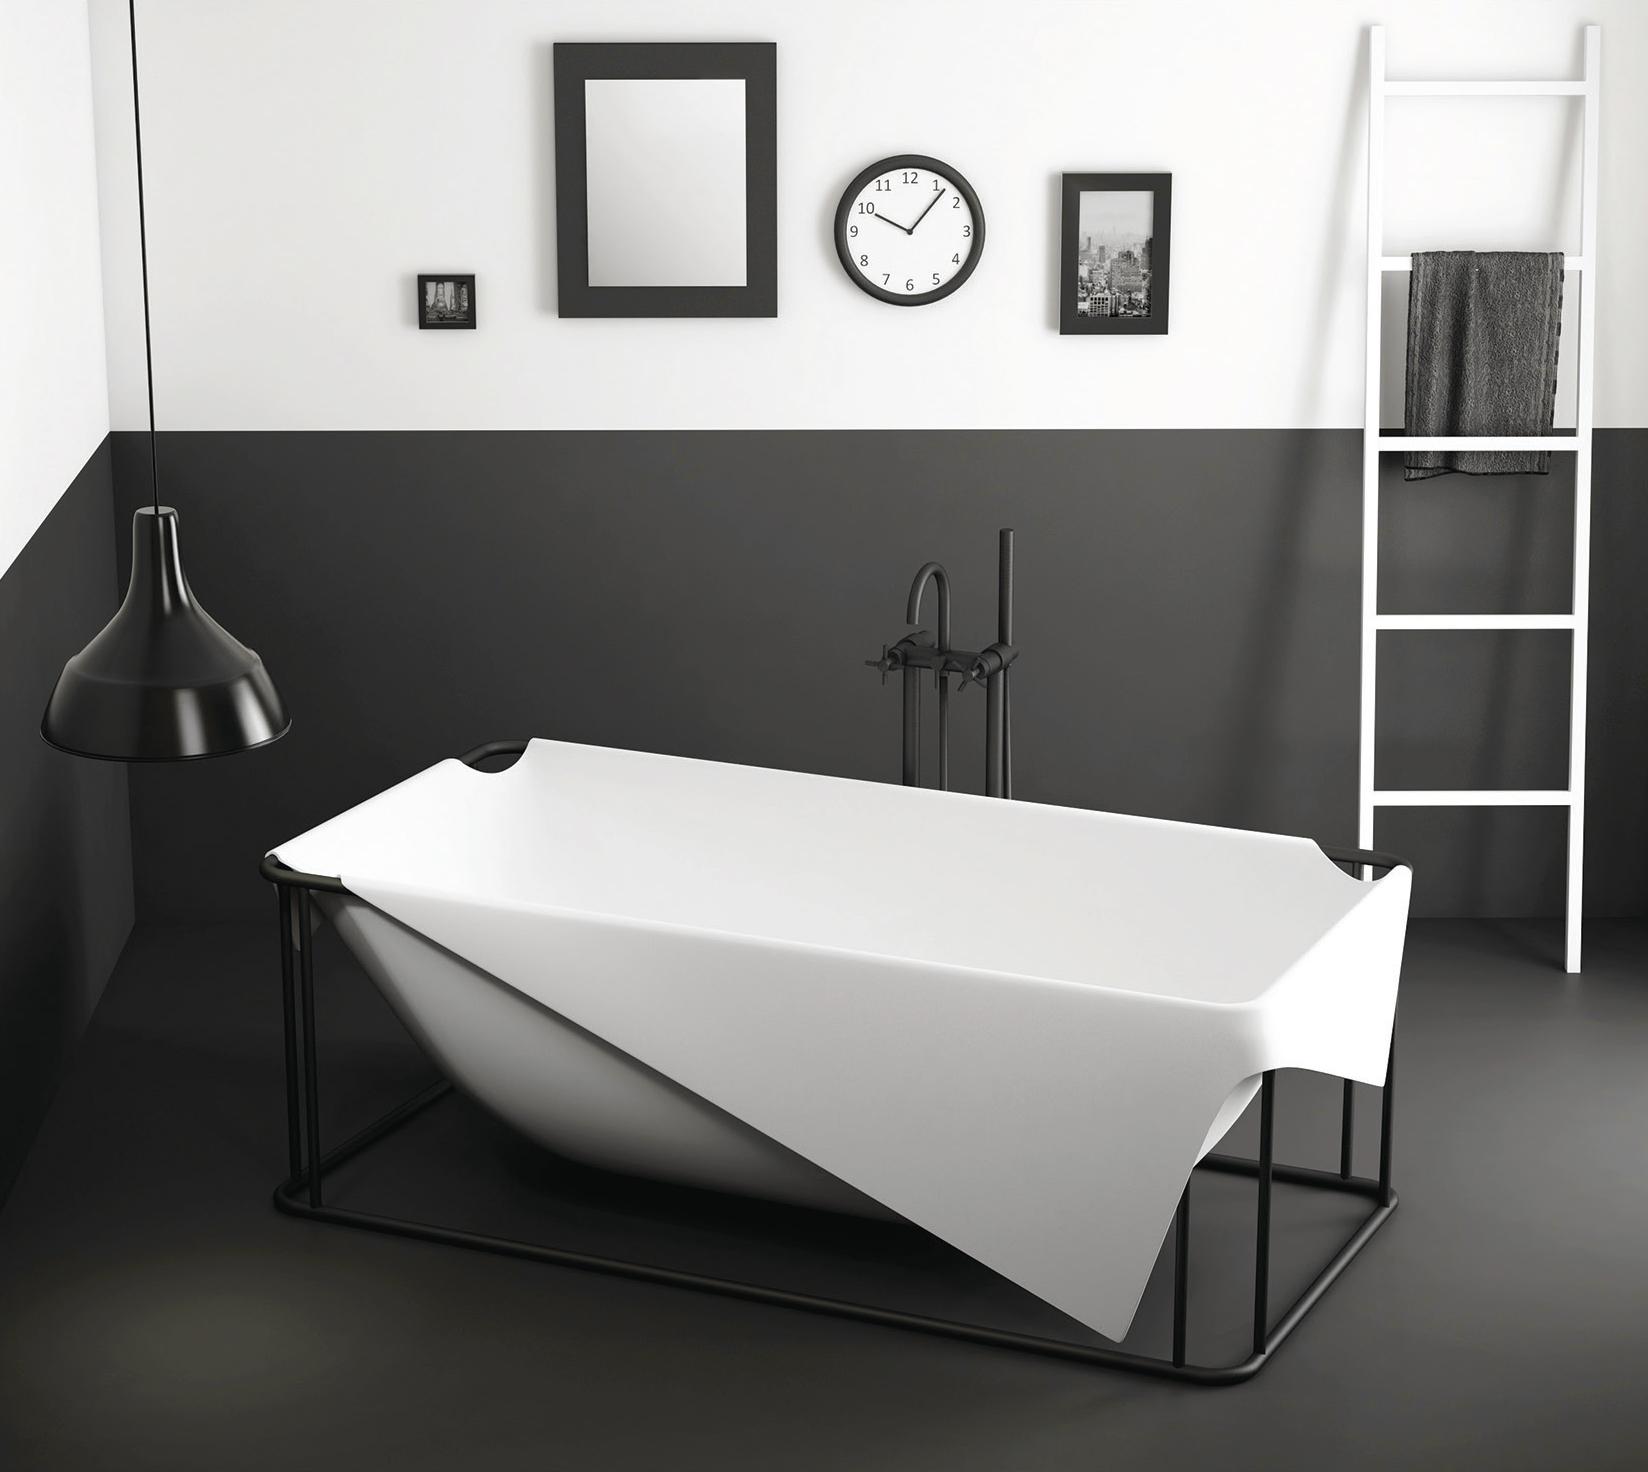 La r sine min rale solid surface dans la salle de bain - Salle de bain resine ...